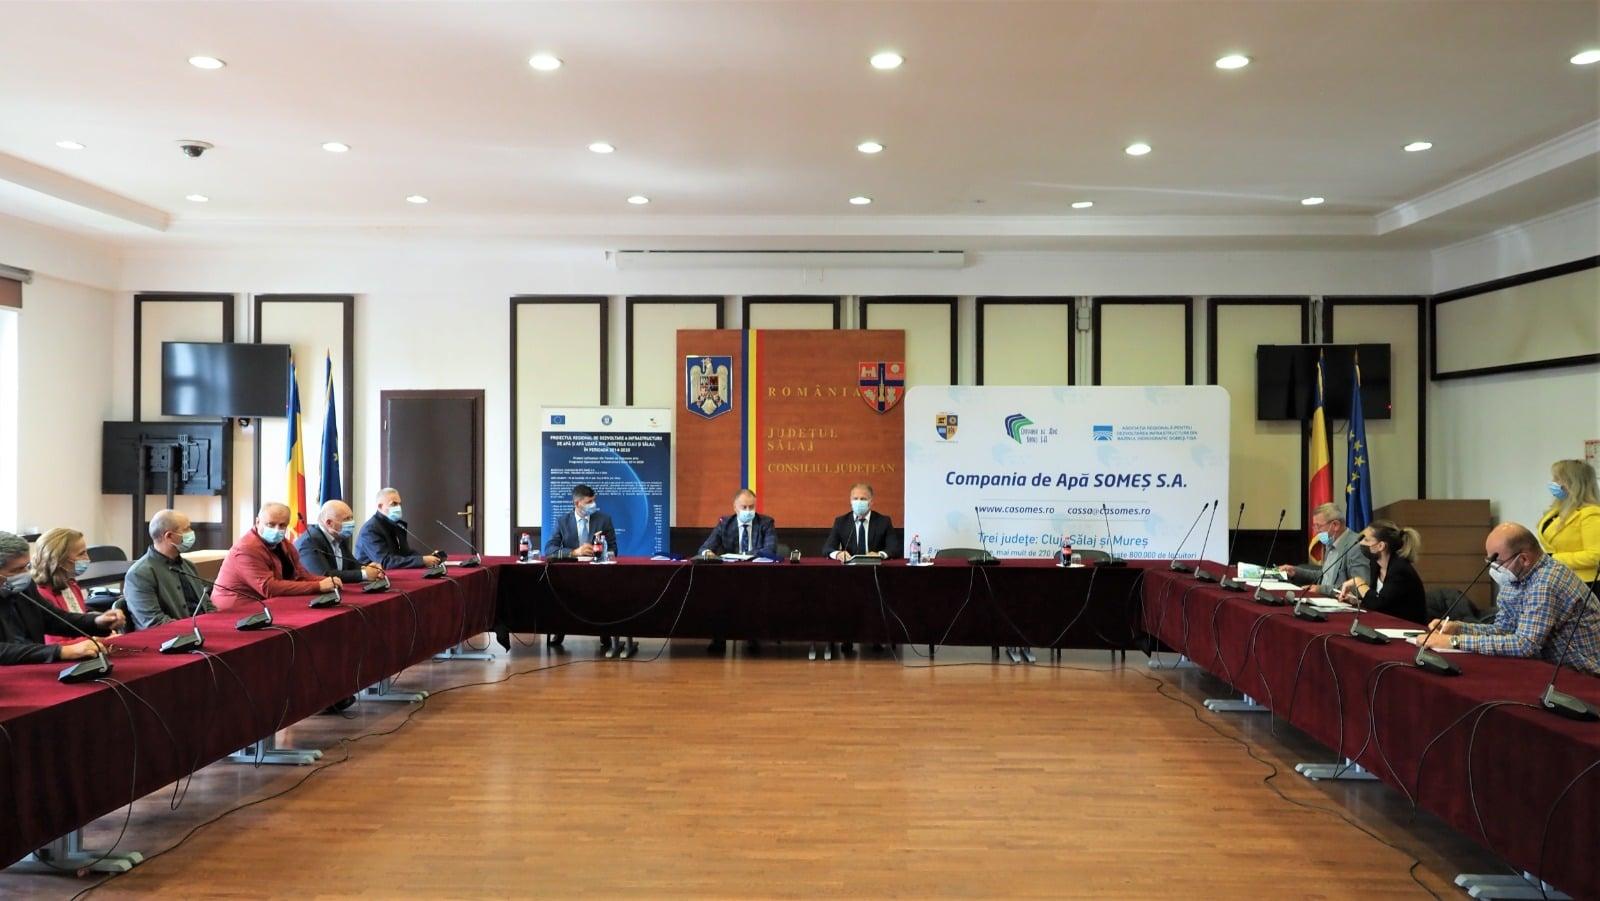 Investiție de peste 60 milioane de lei pentru aducțiunea de apă de la Tarnița către județul Sălaj